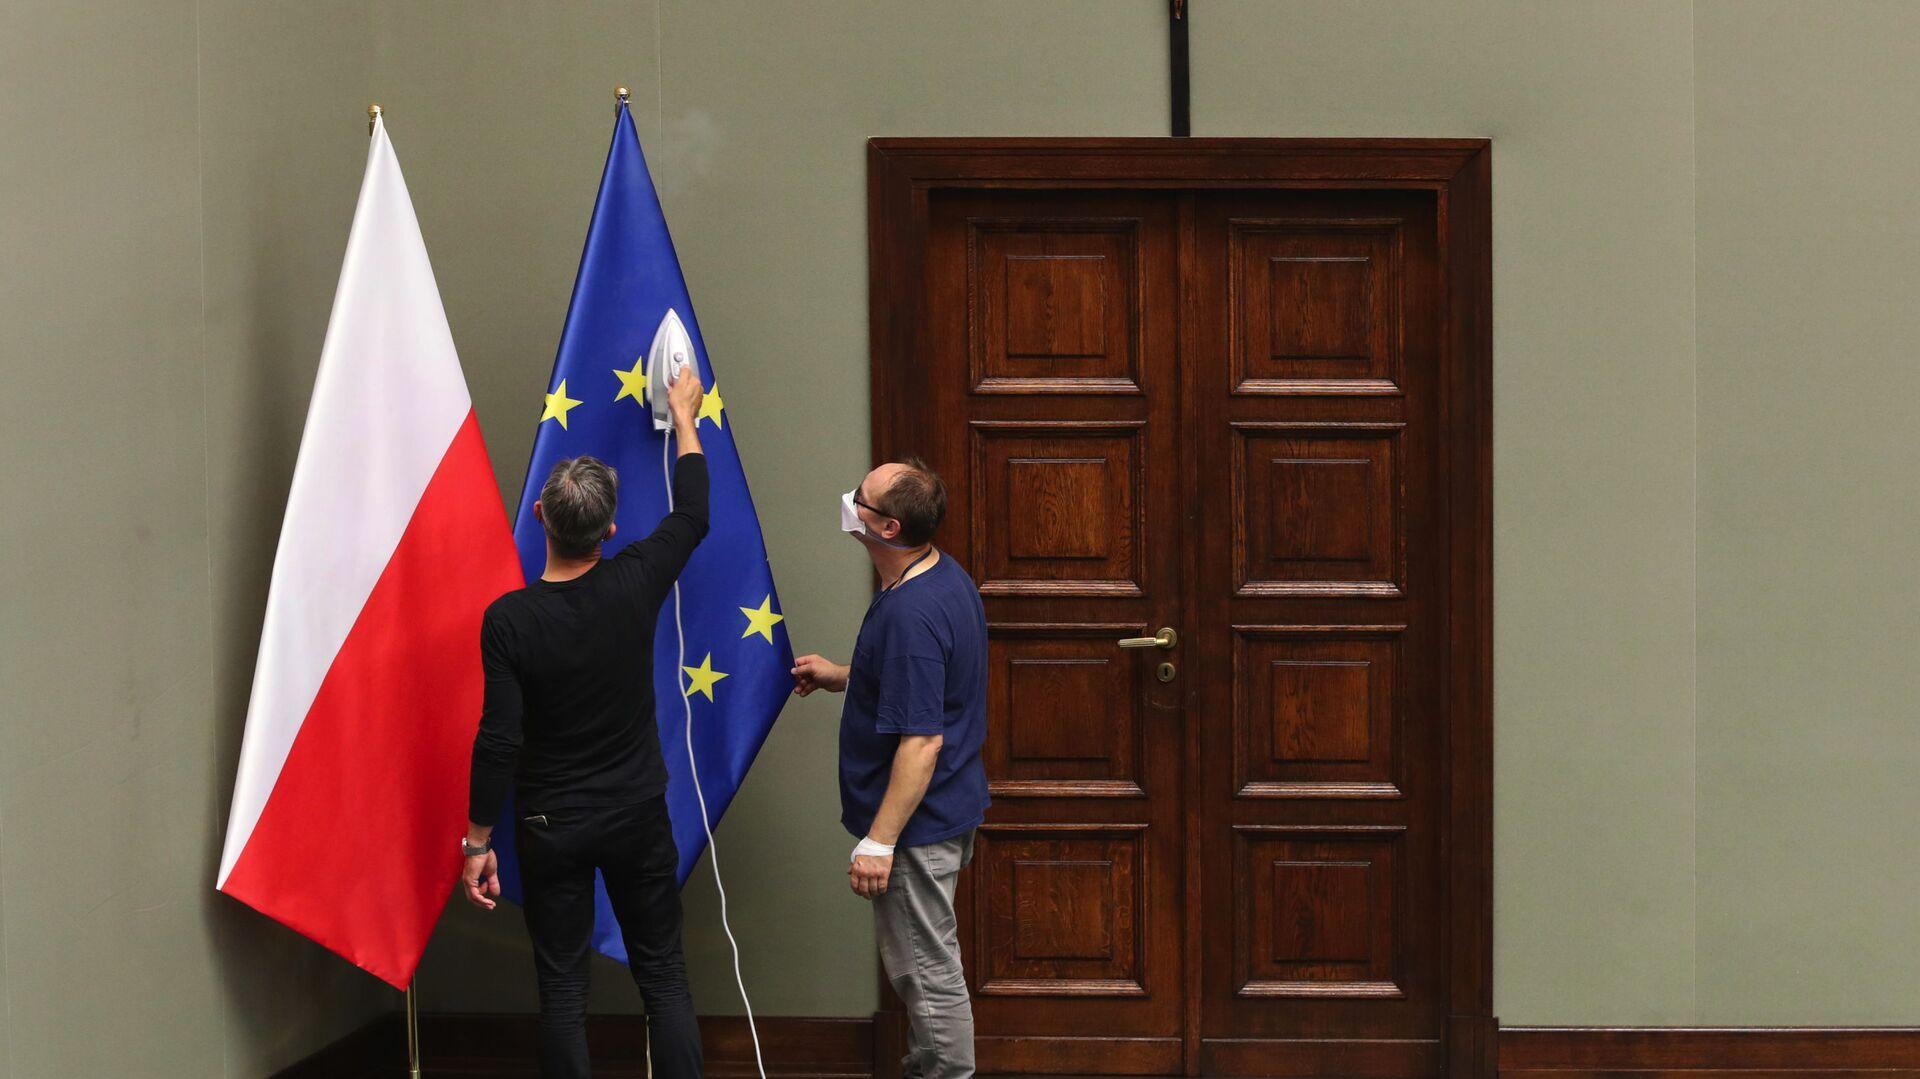 Flagi Polski i UE. - Sputnik Polska, 1920, 07.09.2021